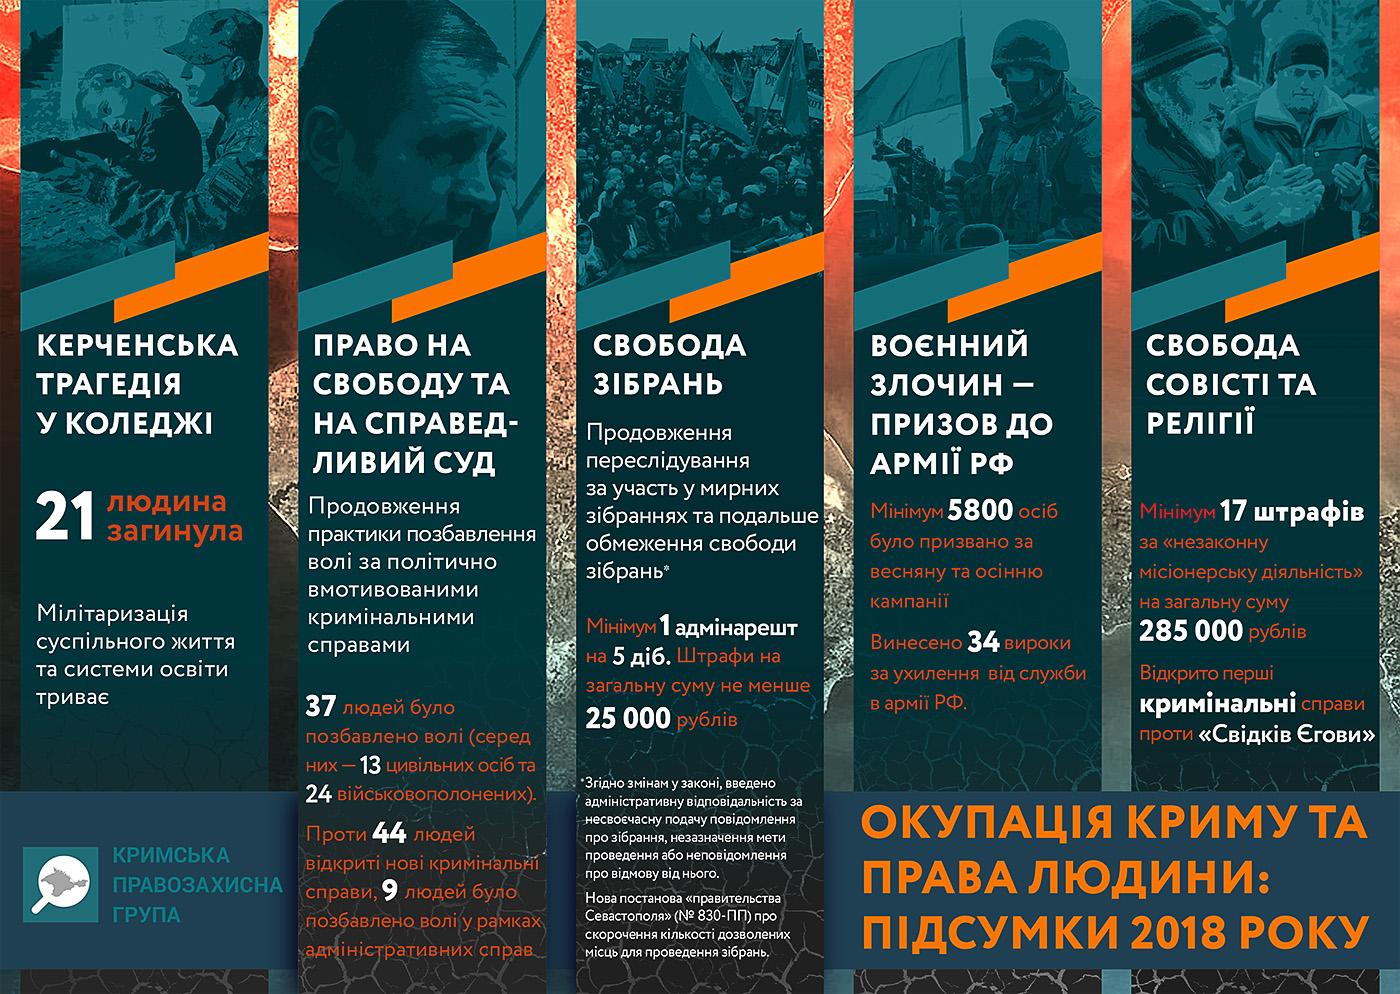 В Крыму продолжали нарушать право на свободу собраний и религии